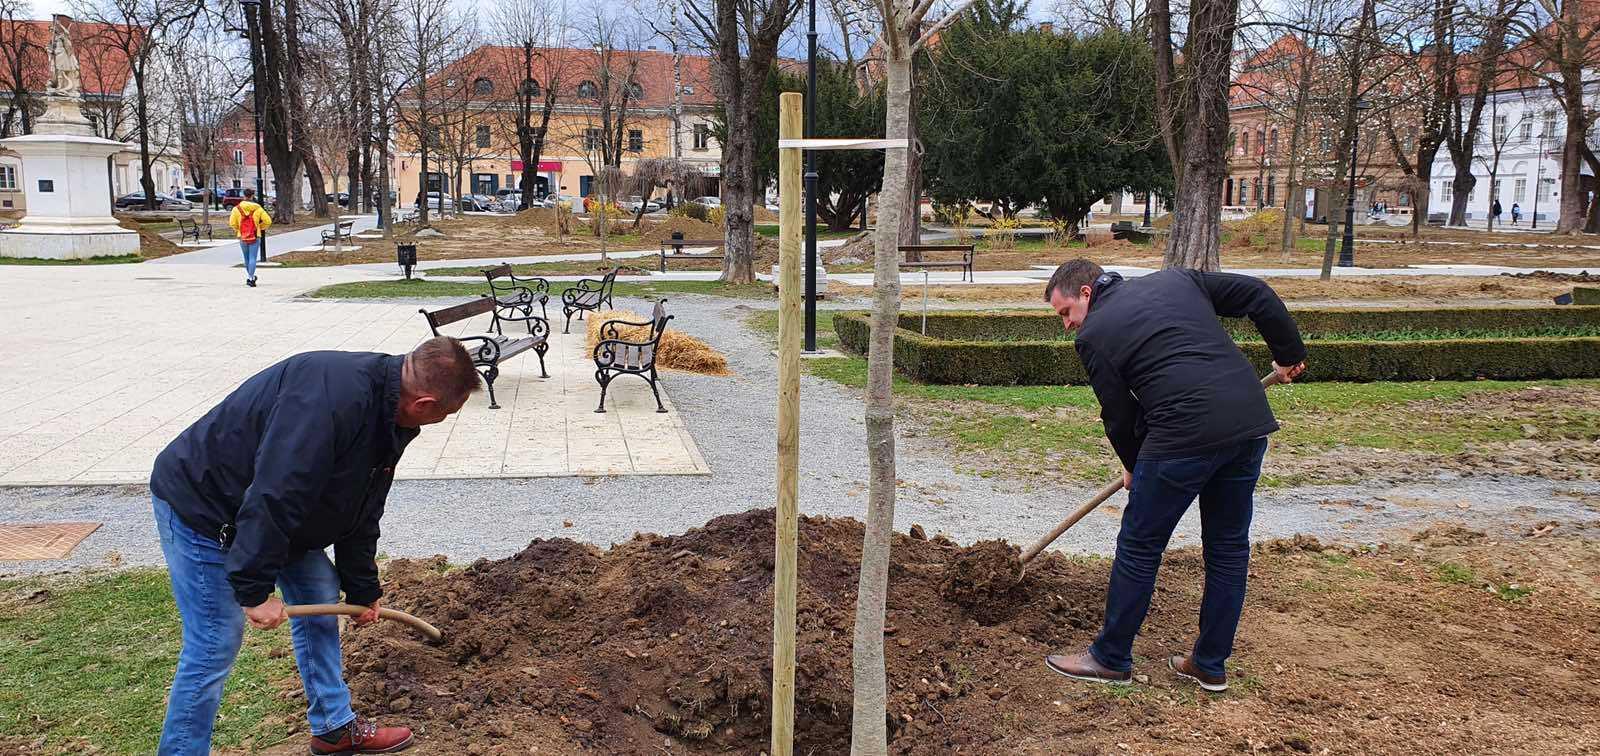 Bjelovarski park će uskoro zaživjeti u novom ruhu proljetnog cvijeća i zasađenih stabala